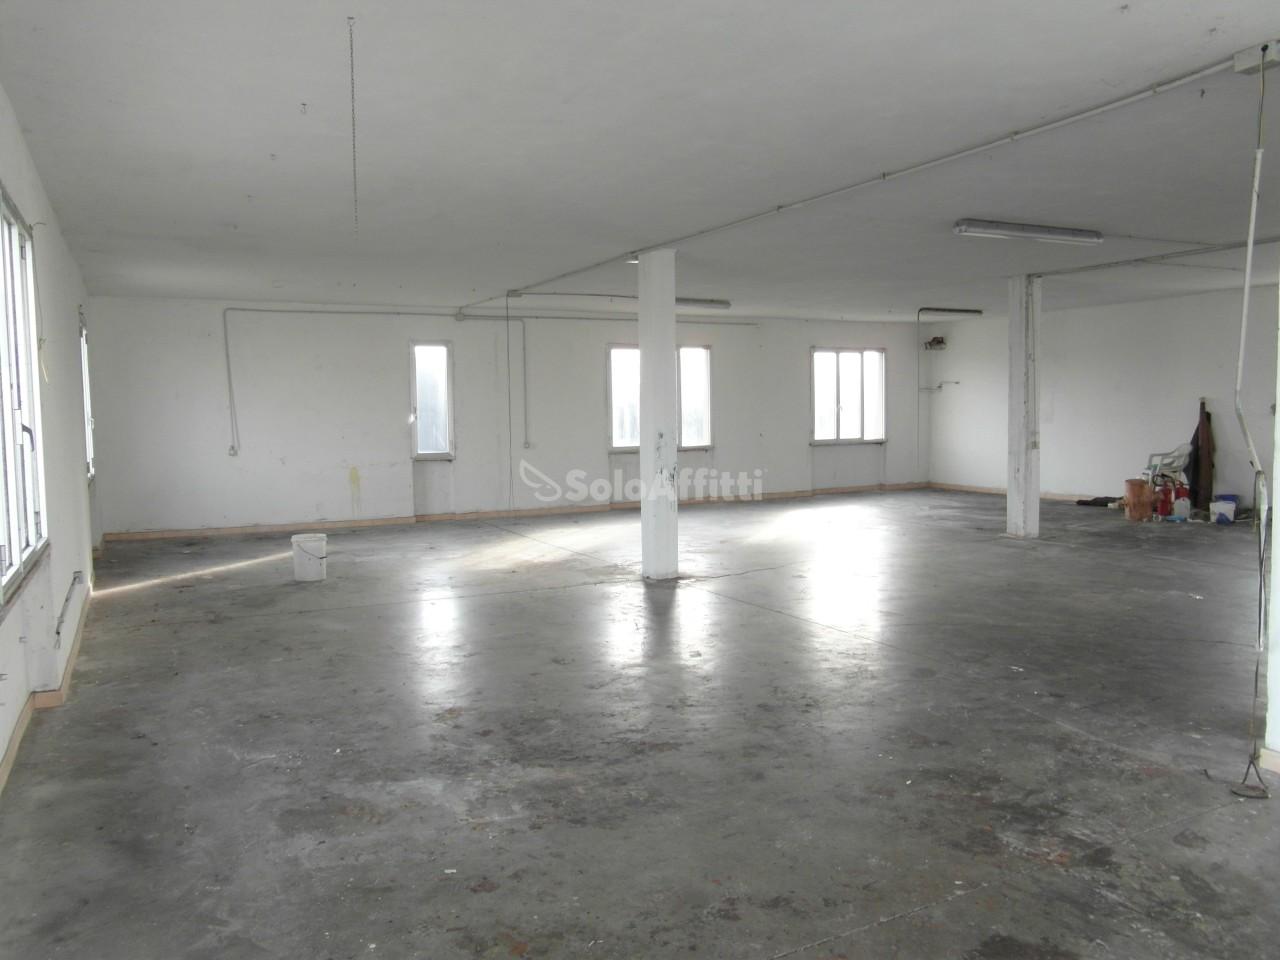 Fondo/negozio - Altro a Fucecchio Rif. 9011627